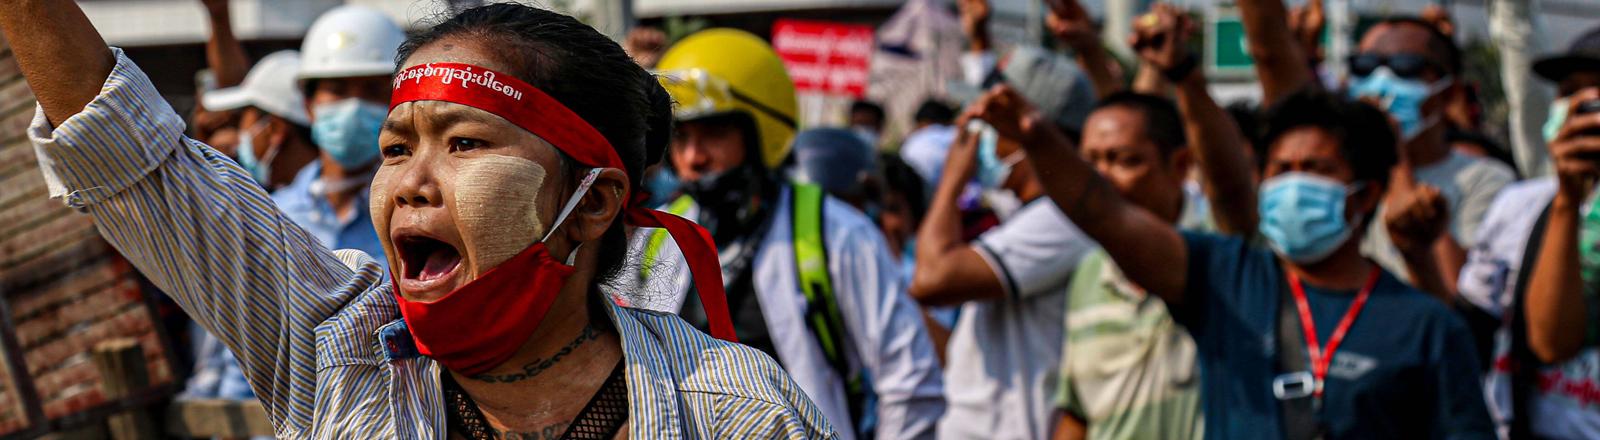 Demonstrierende in Myanmar am 28.02.2021.